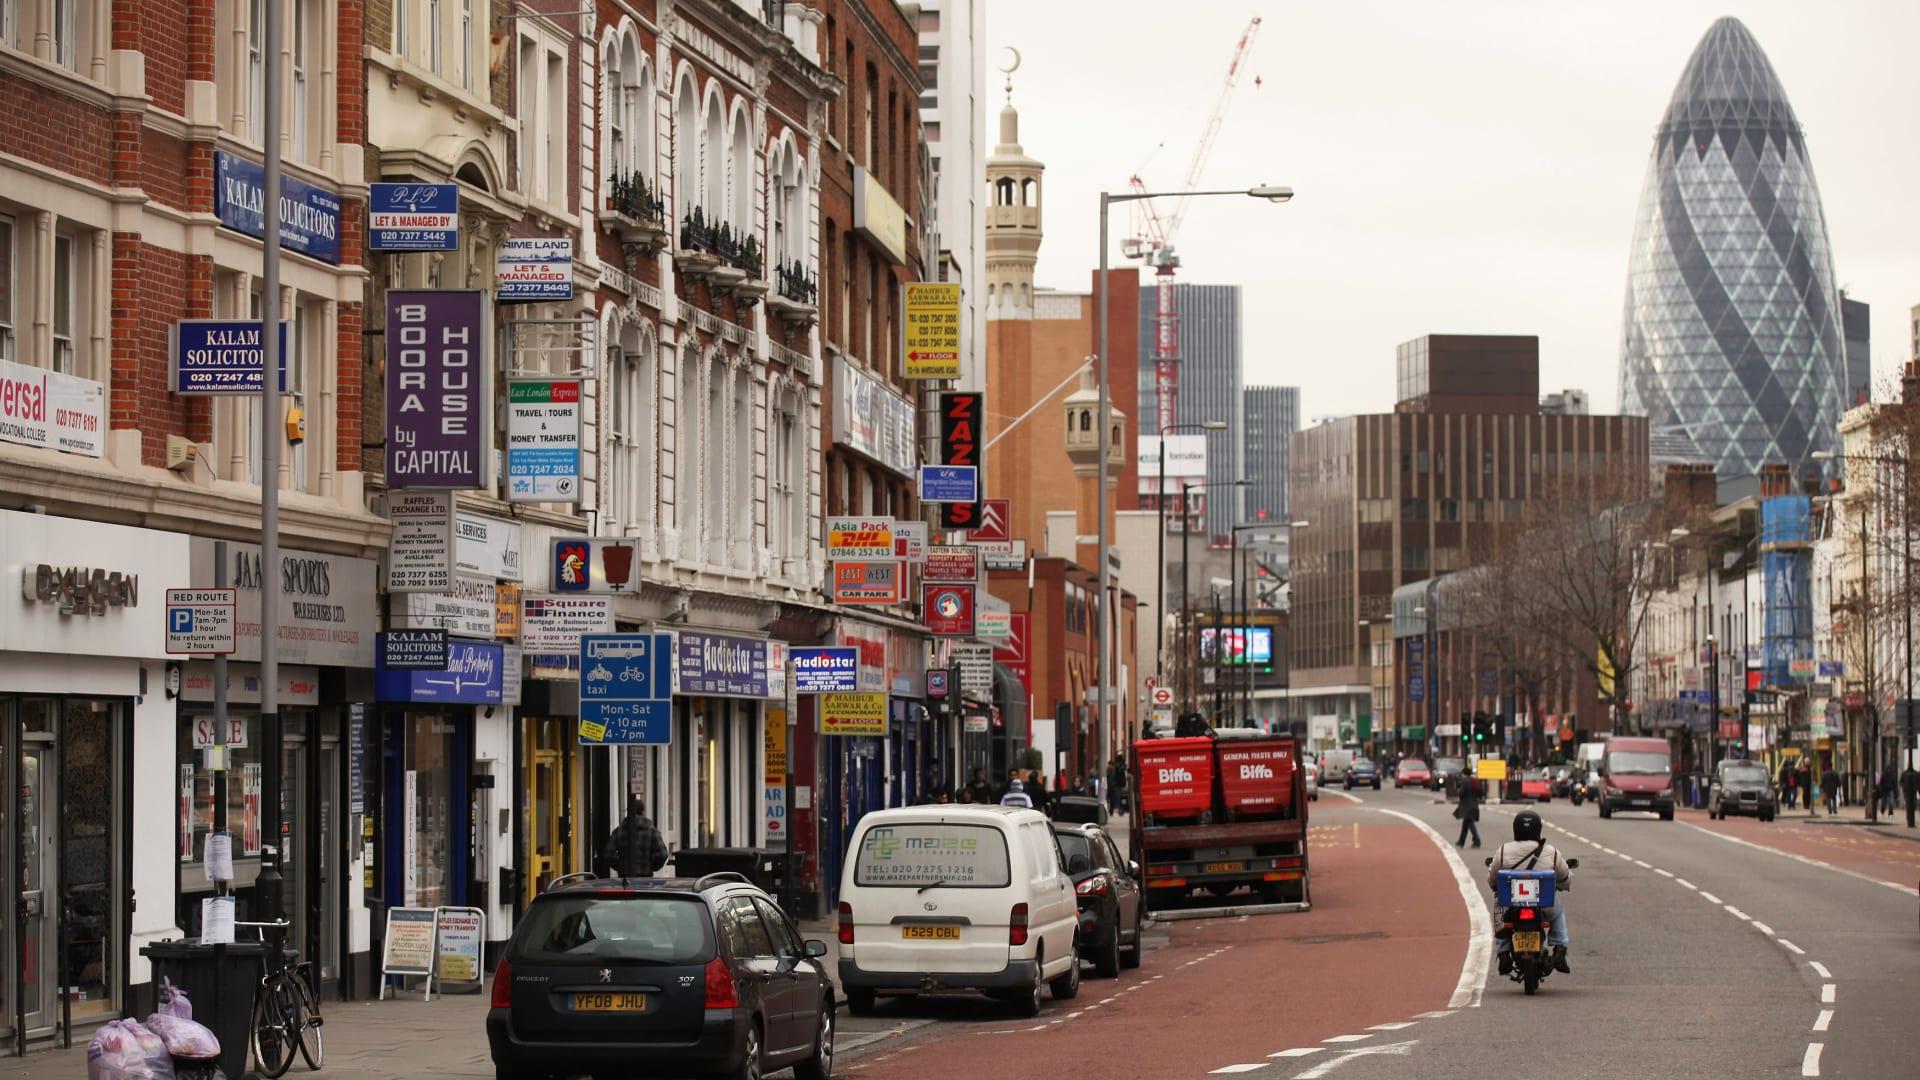 """لقطات """"درون"""" تظهر كيف بدت لندن تحت الإغلاق أثناء جائحة فيروس كورونا"""